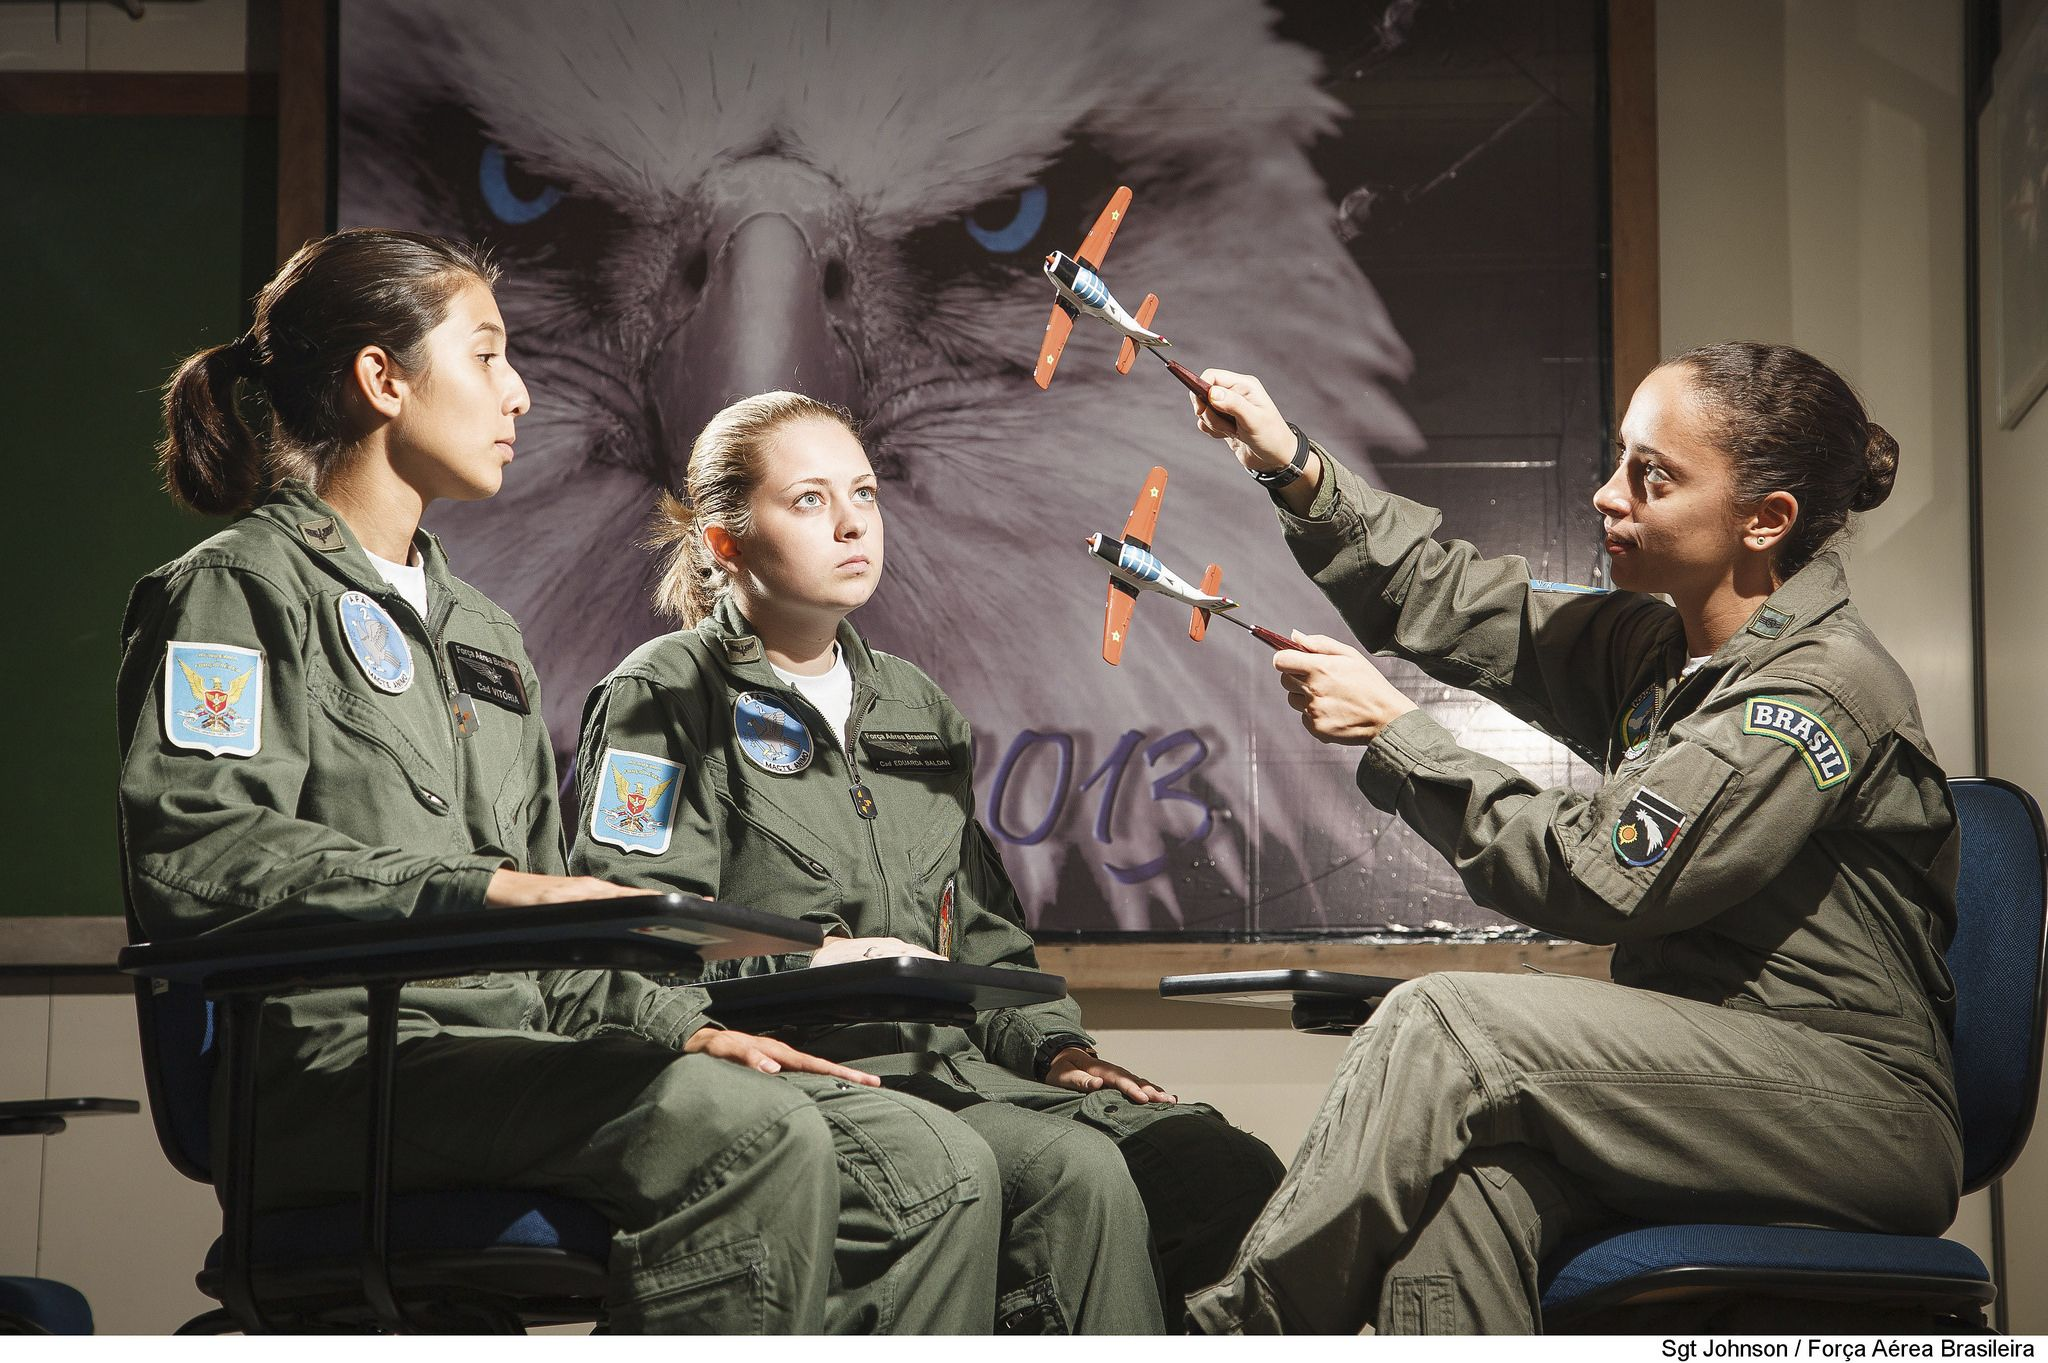 2º EIA Brazilian air force, Female pilot, Air force